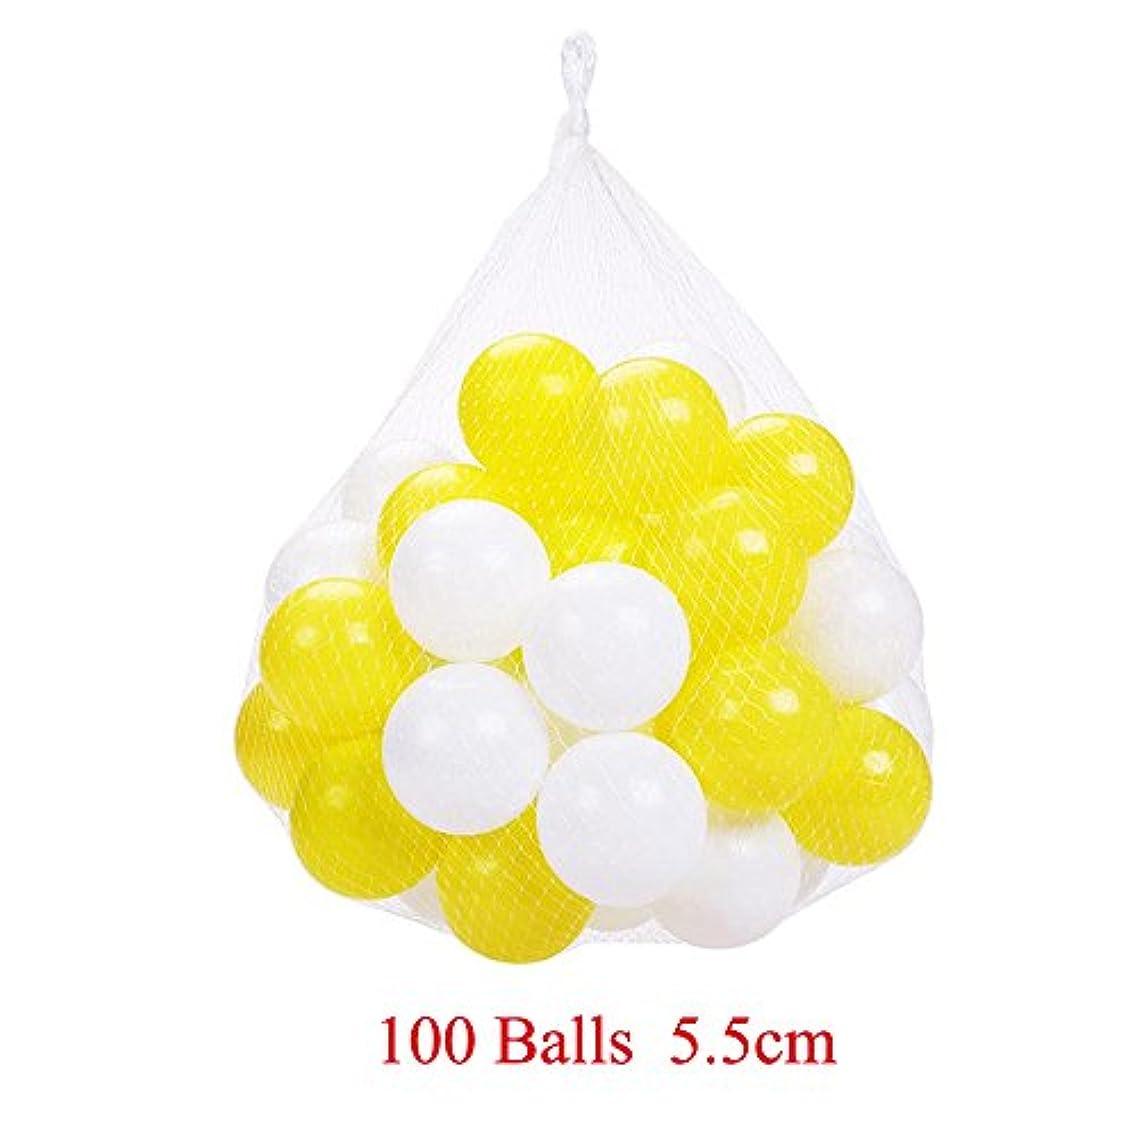 不合格ゆでる退屈させるパック100のplaymatyカラフルな海洋ボールプラスチックボールKids Swim Pit Funおもちゃホワイトとイエロー100ピースボールwithストレージバッグfor Baby Playhouseプール誕生日パーティー装飾 hyq007-5.5